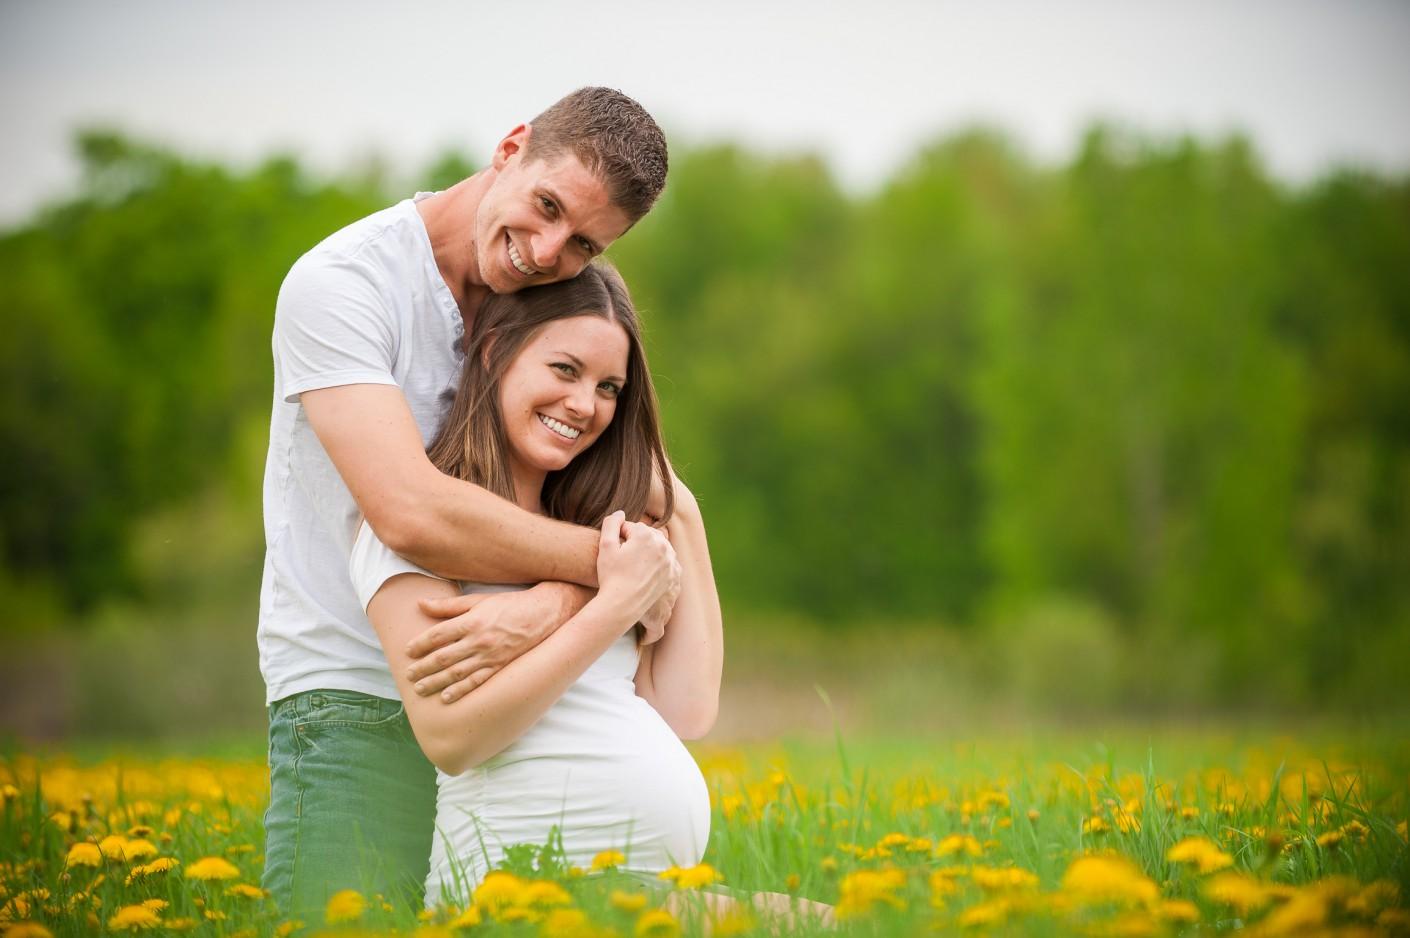 Maternité : Sourires lumineux du printemps -, KW: Bedaine, champs